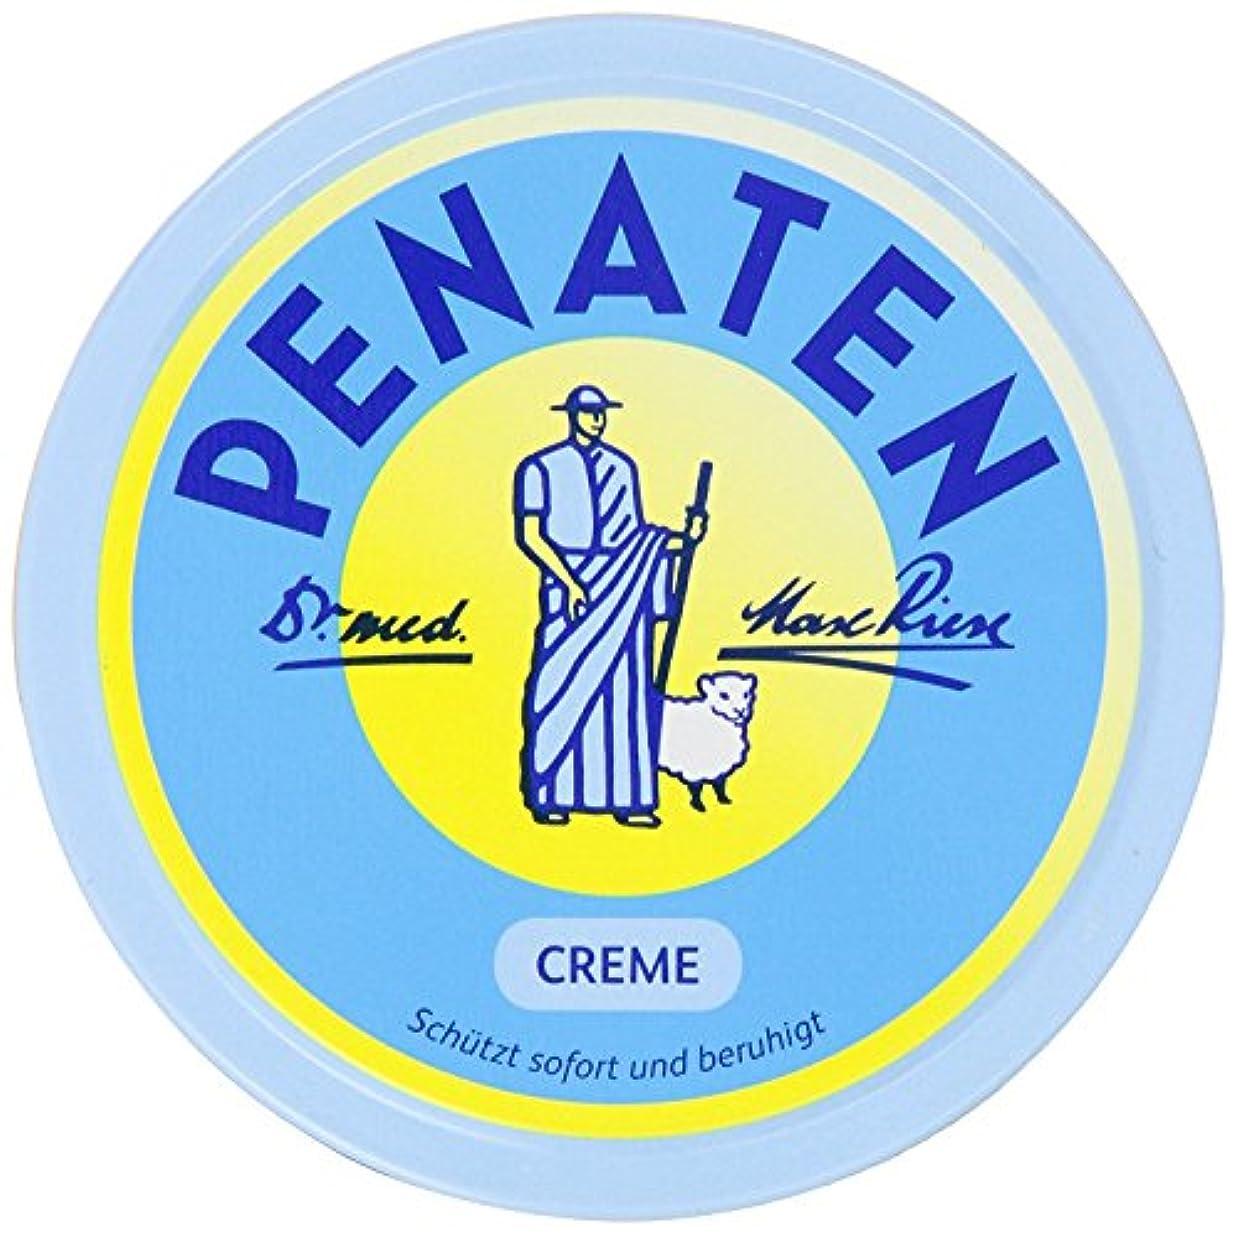 独立した限られた軌道(ペナテン) Penaten Baby Creme 150 ml, 3er Pack (3 x 150 ml) (並行輸入品) shumaman